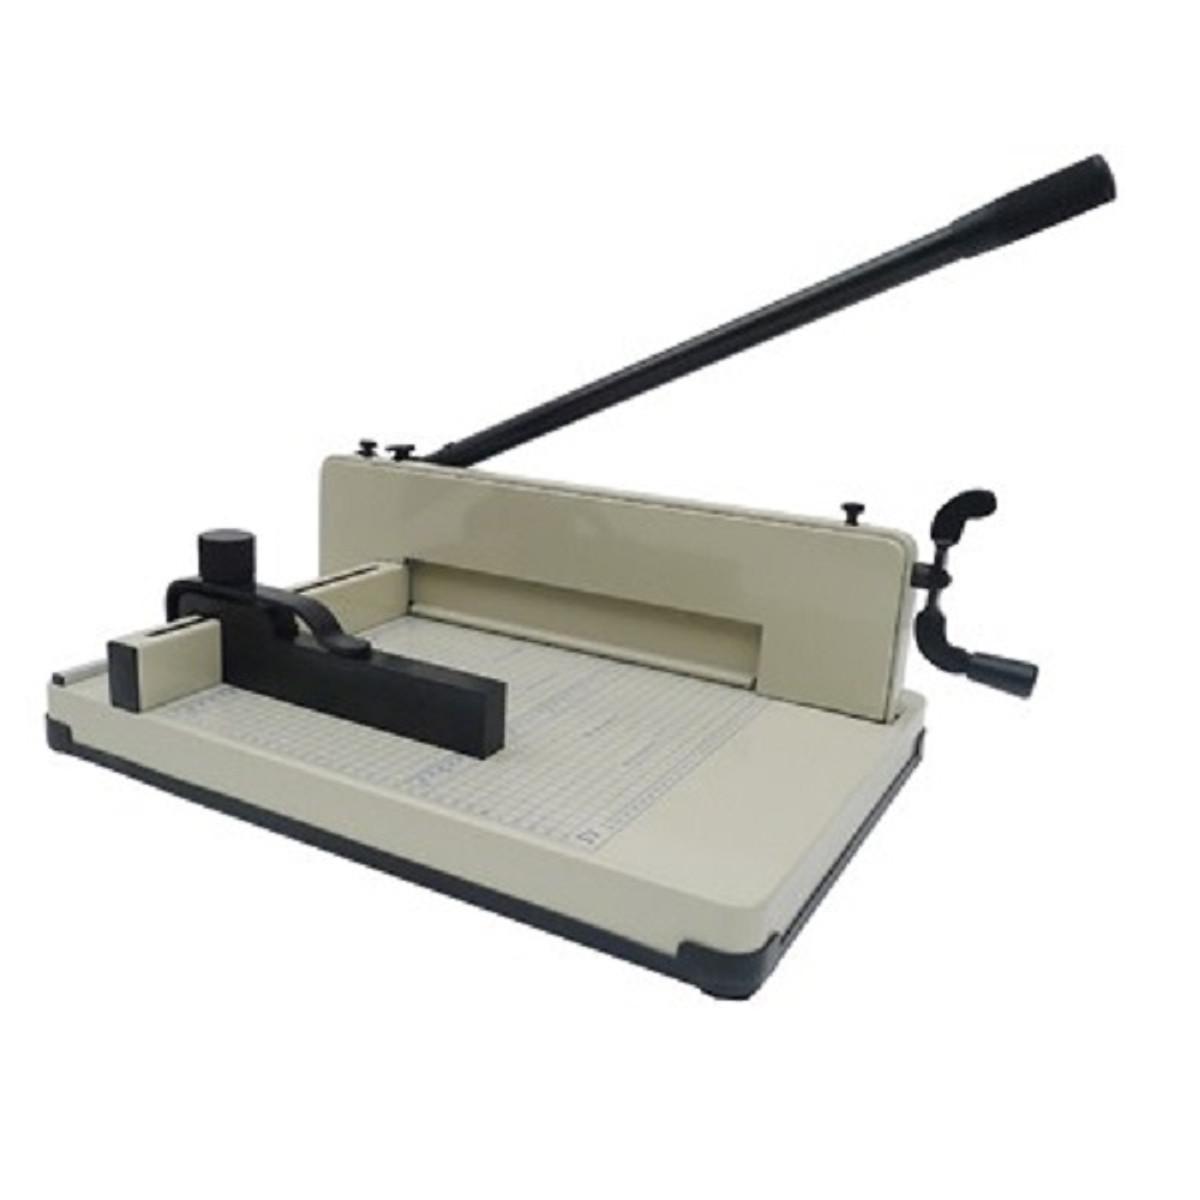 Bàn cắt giấy Bosser 858 A4